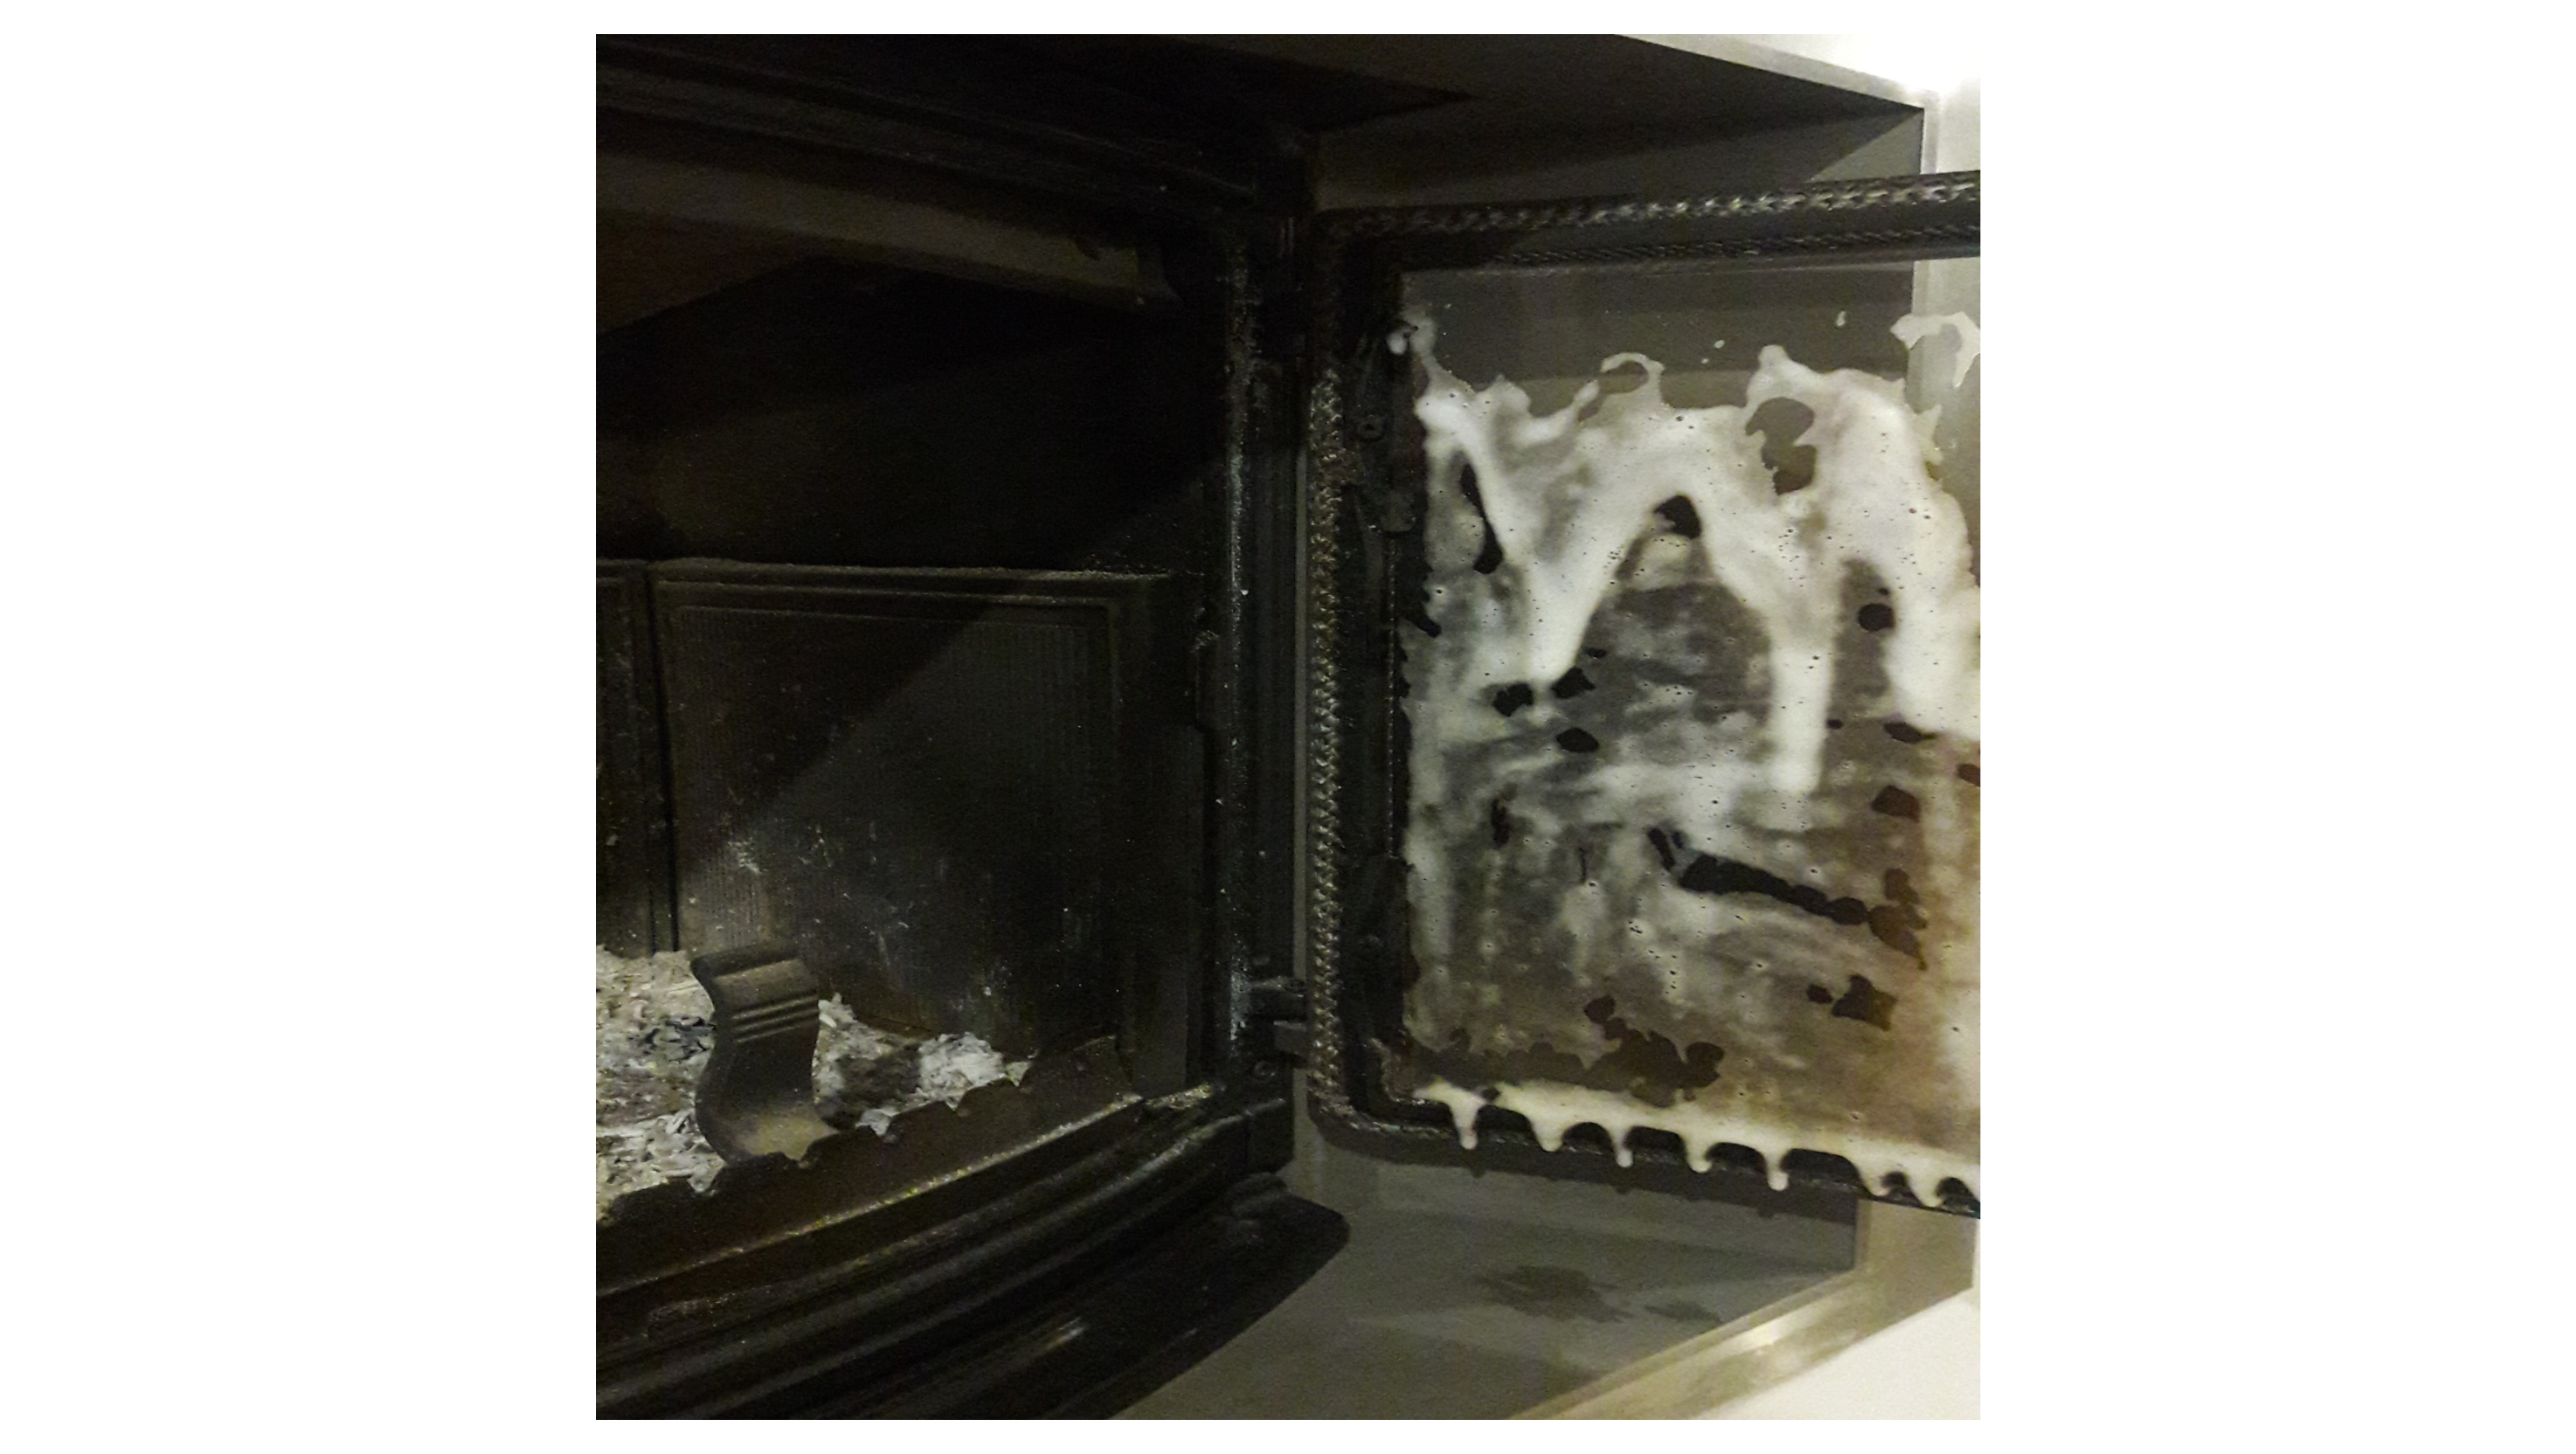 Jak wyczyścić szybę kominkową?